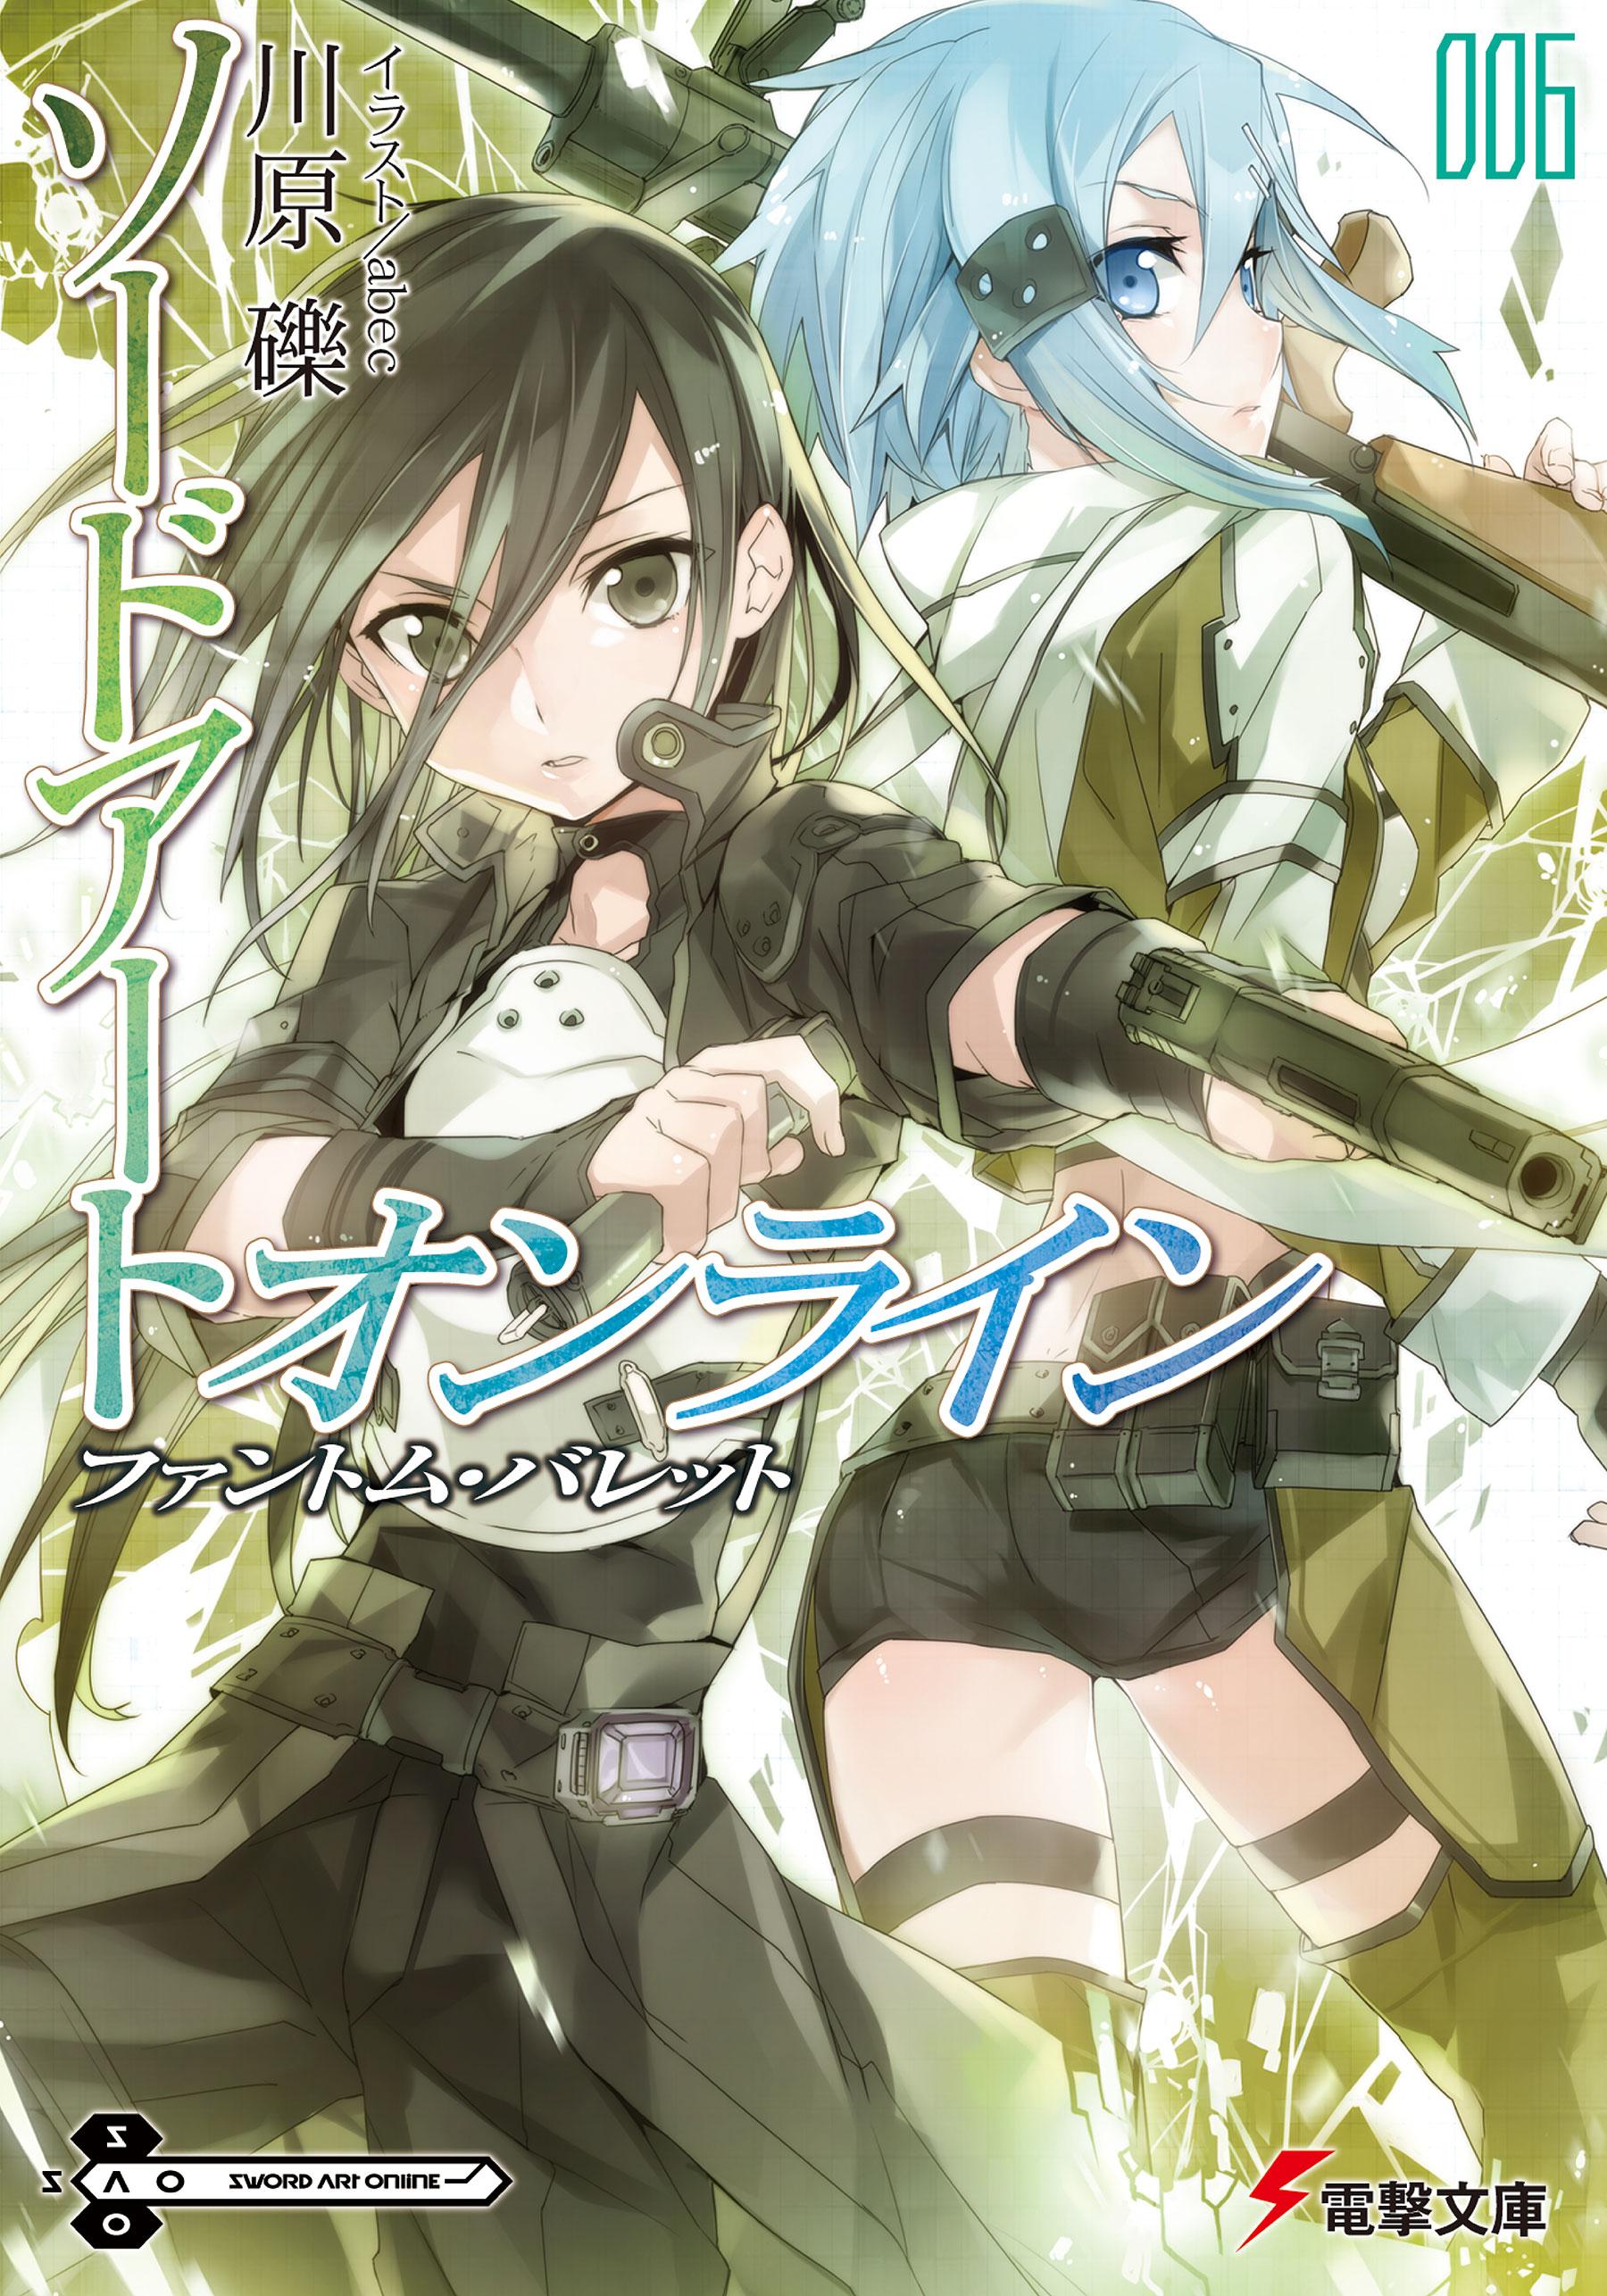 Sword Art Online Volume 06